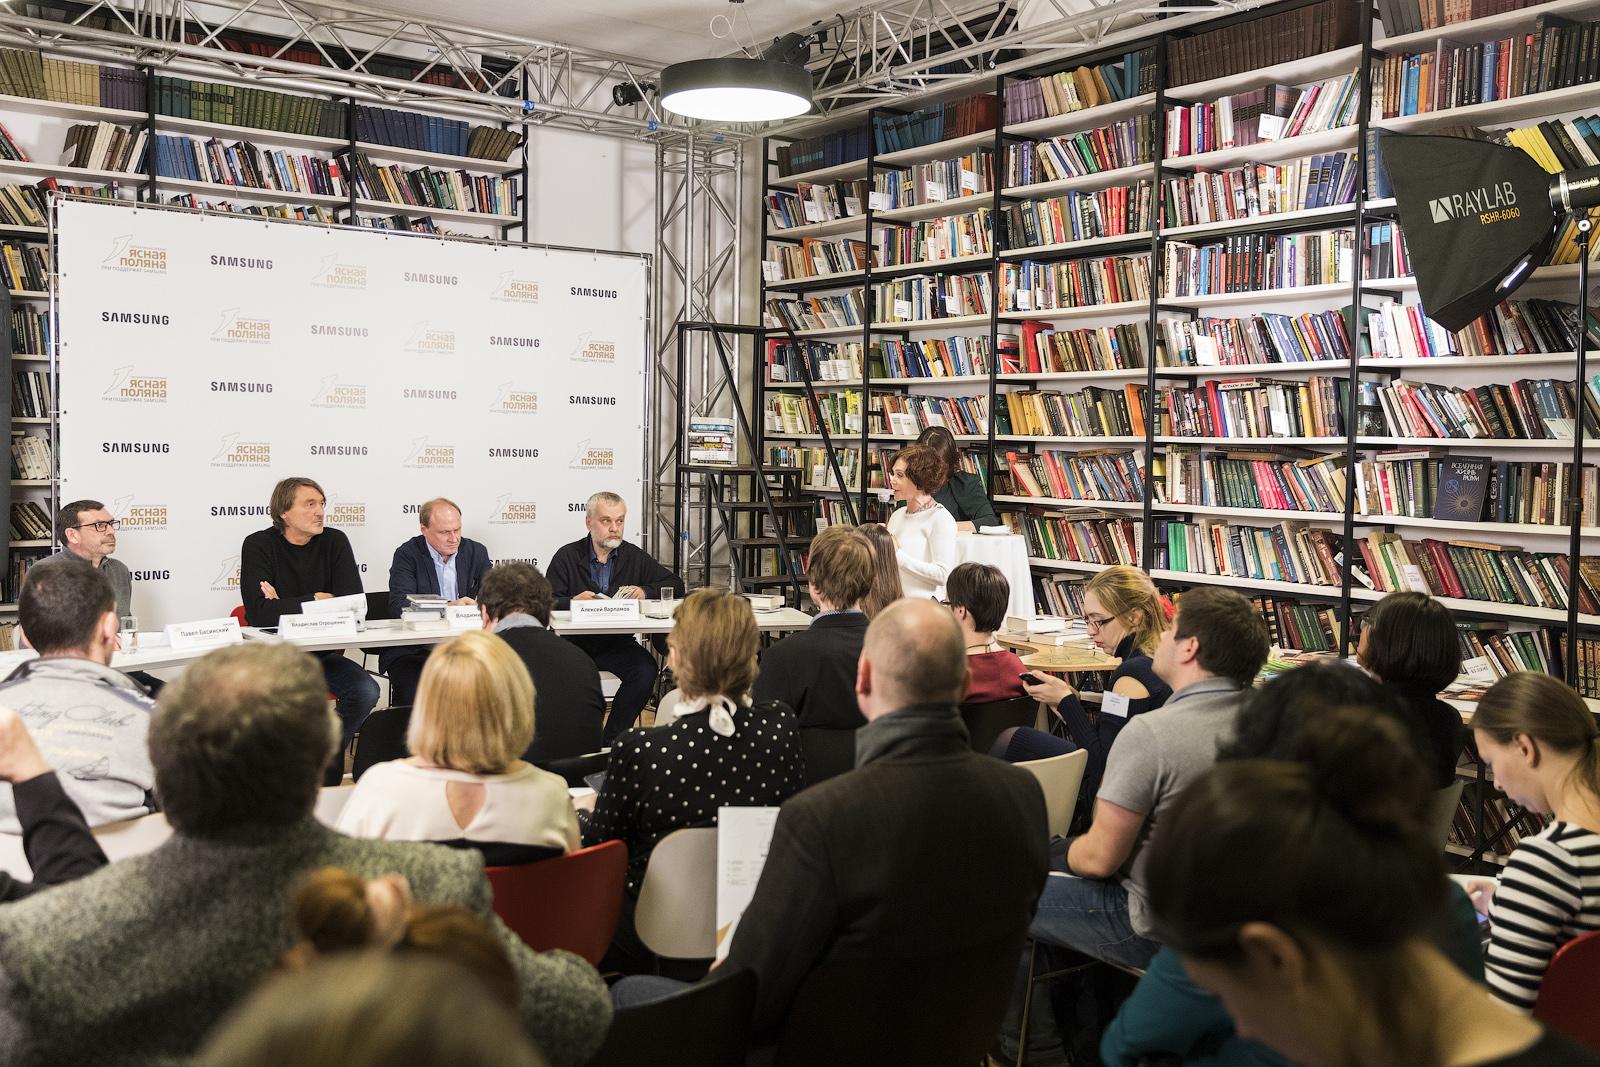 Objava dolgega seznama nominirancev nagrade Jasnaja Poljana za tujo literaturo, 16. marca 2017, Moskva / Press photo